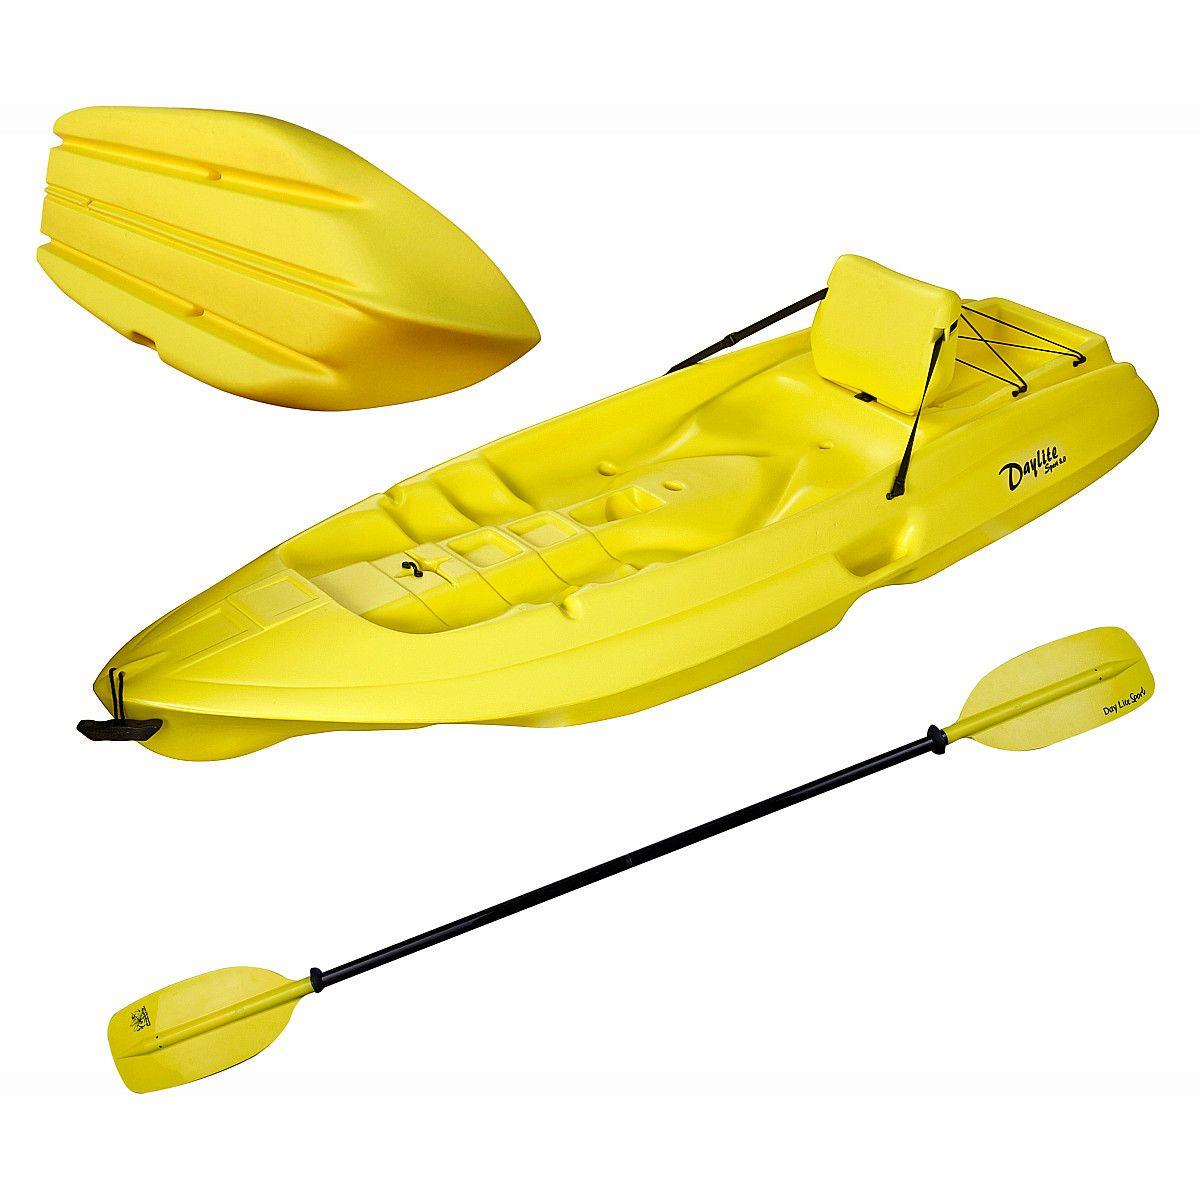 Pin on Kayak Research